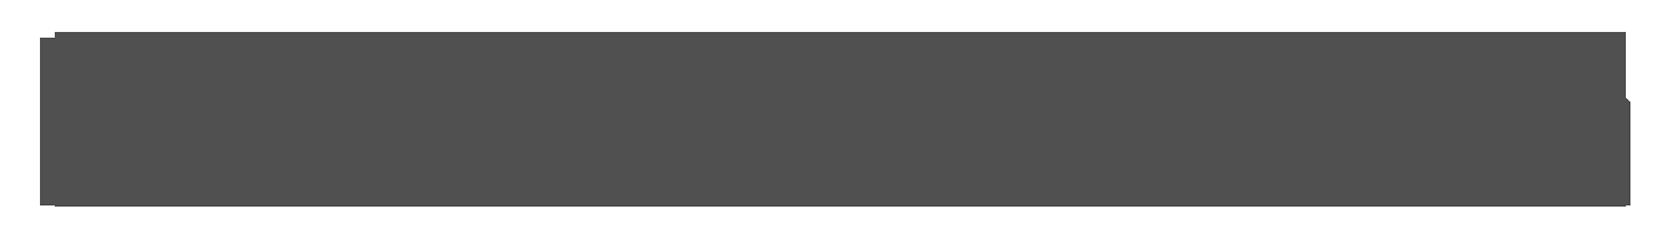 H1 Media - Digital Agentur für Suchmaschinen Optimierung, Conversion Optimierung und alles Digitale